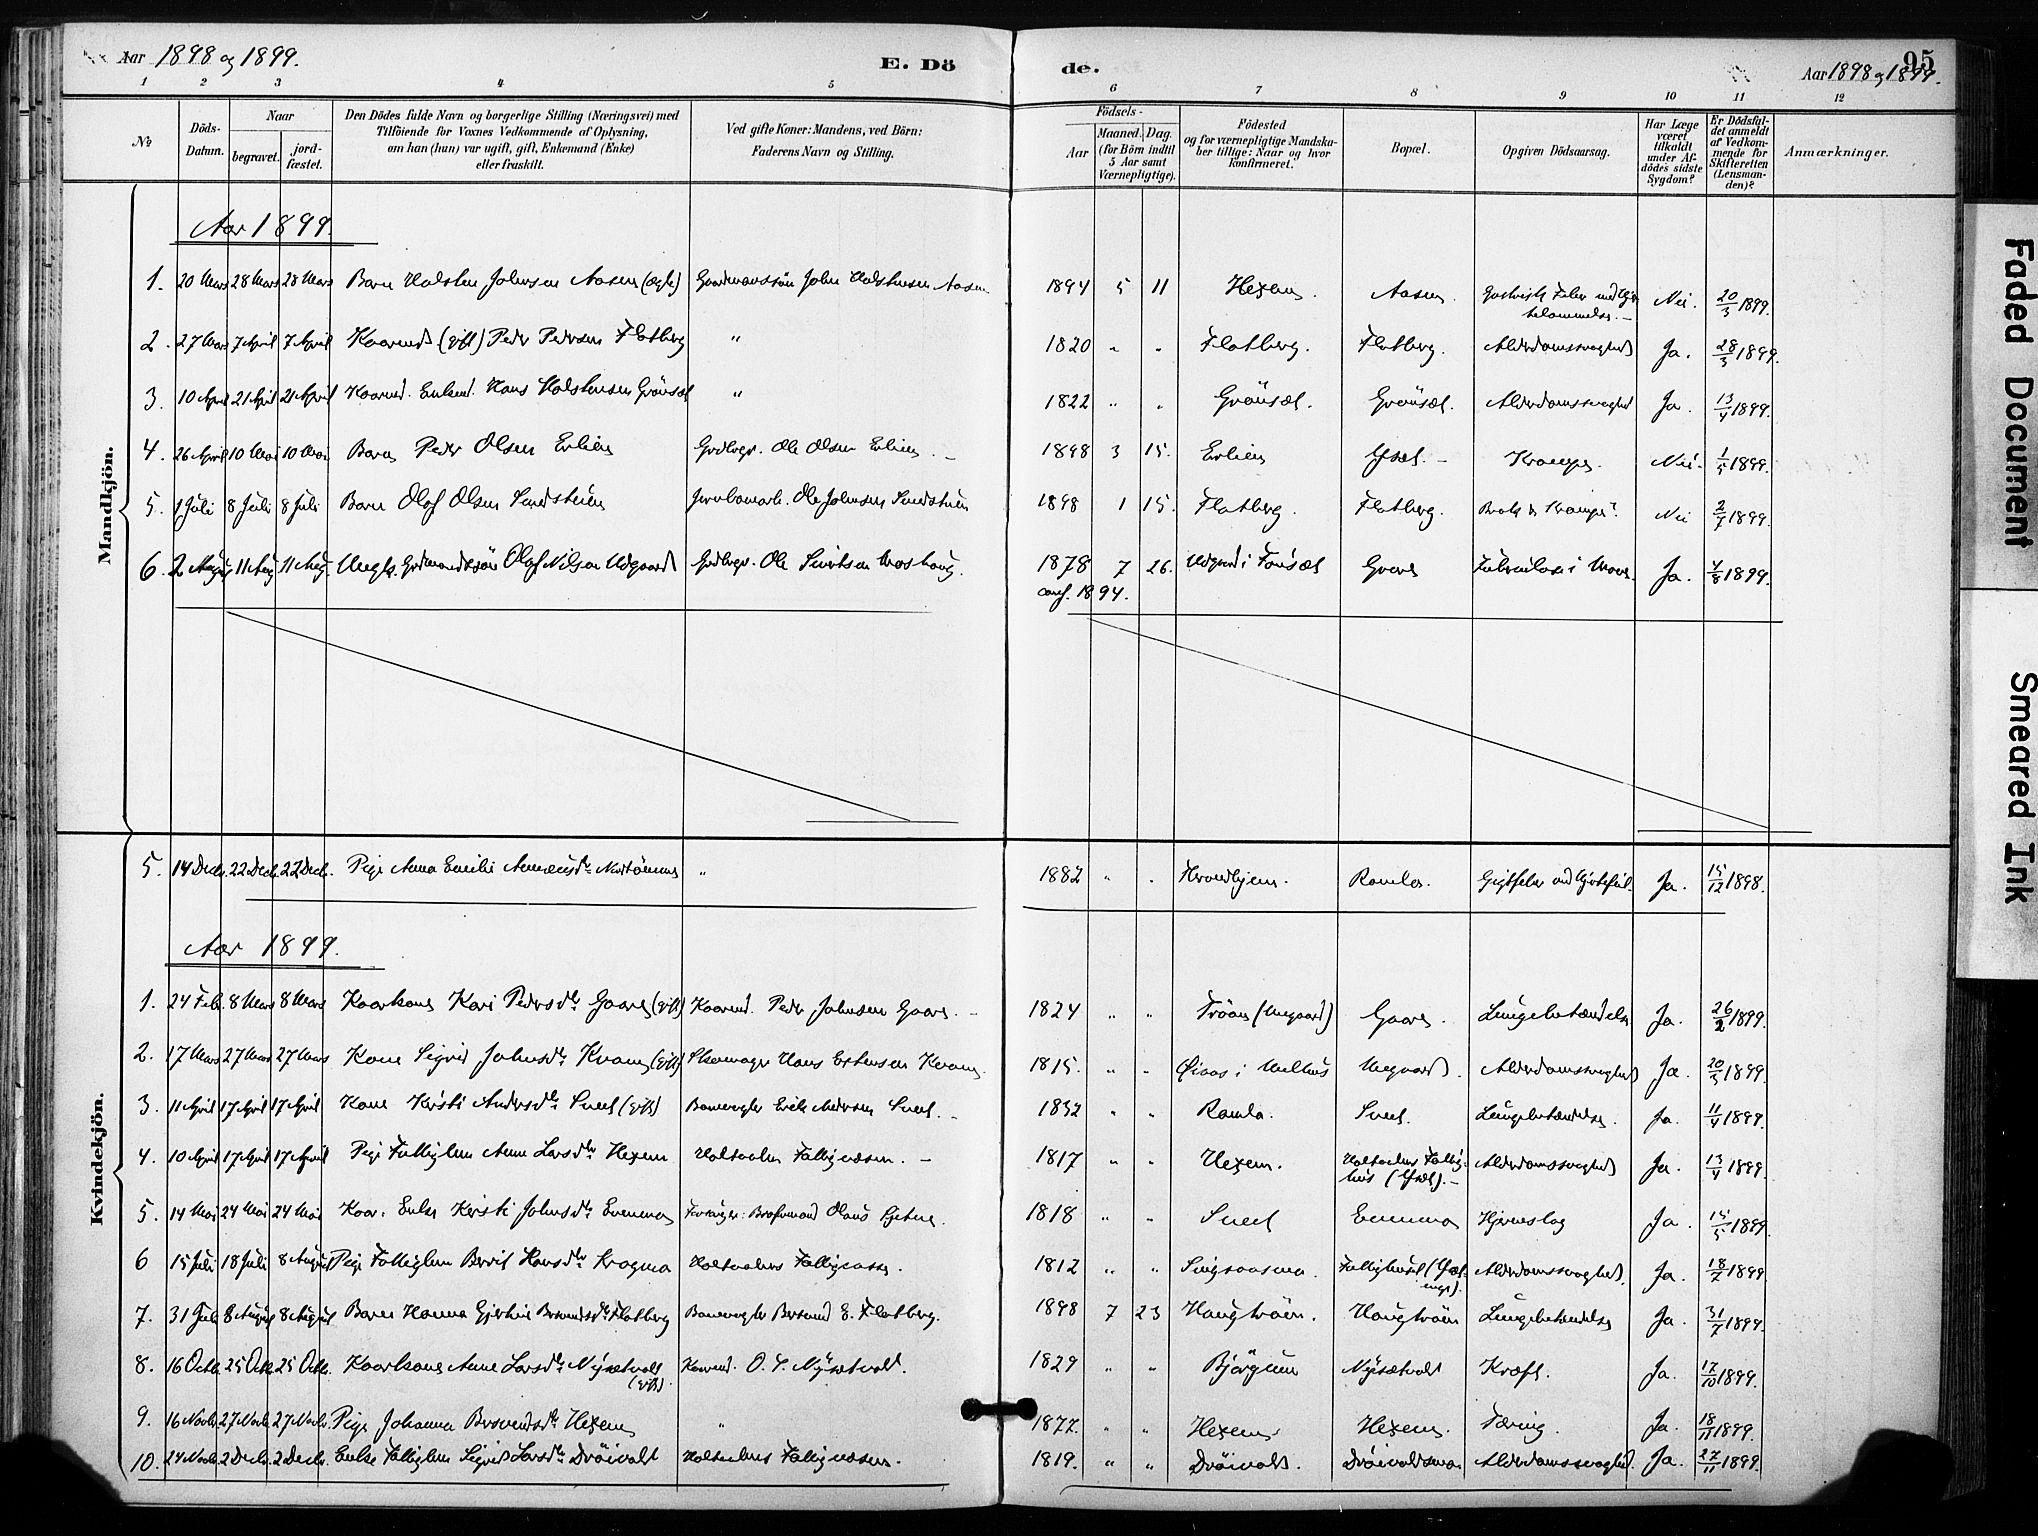 SAT, Ministerialprotokoller, klokkerbøker og fødselsregistre - Sør-Trøndelag, 685/L0973: Ministerialbok nr. 685A10, 1891-1907, s. 95